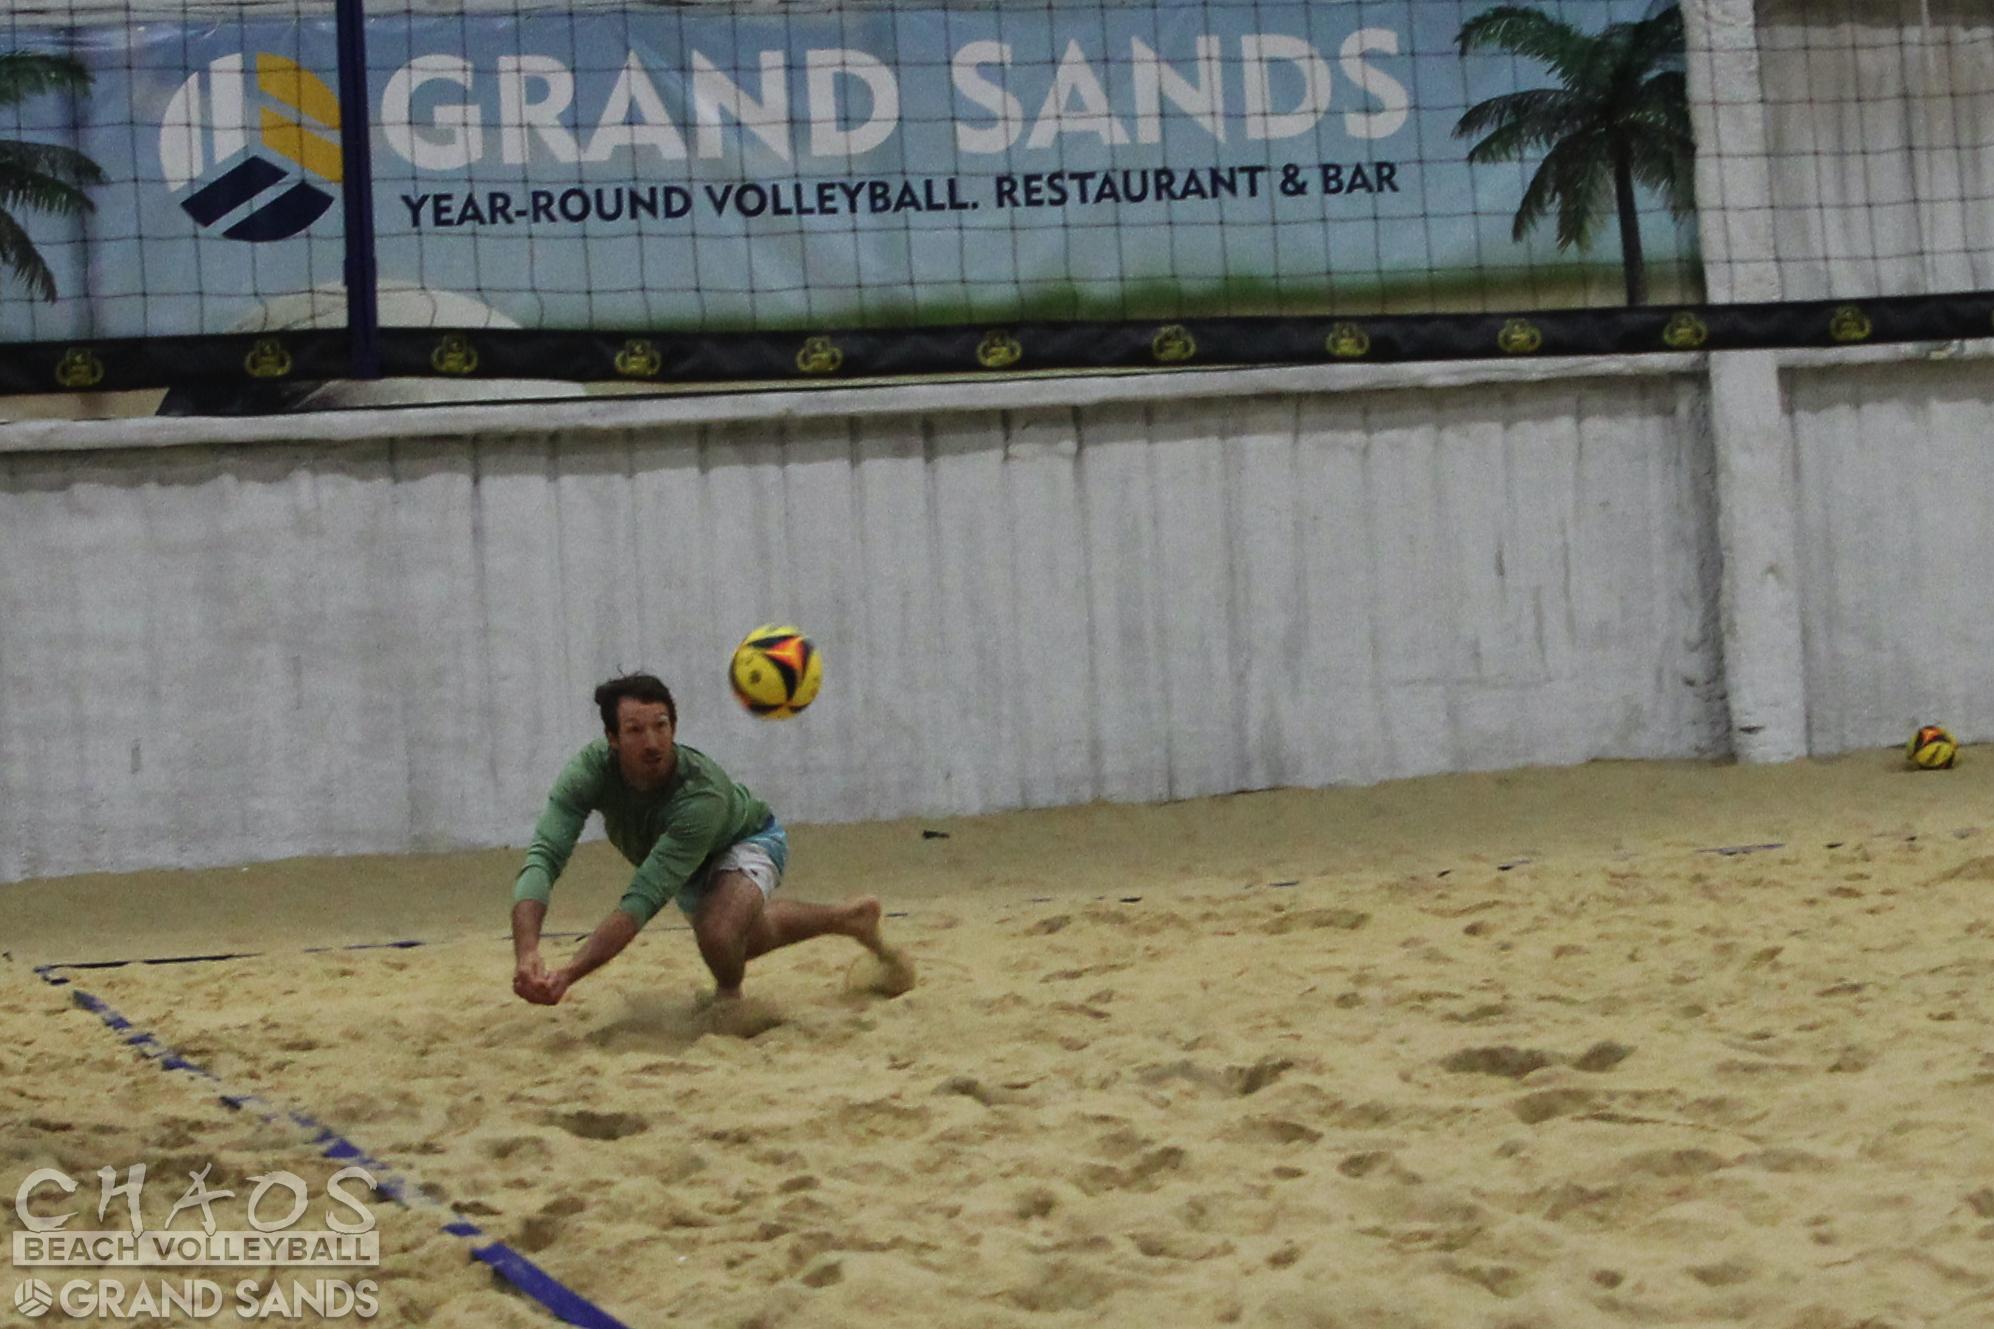 Grand Sands Volleyball 2020 Avpnext Gold Tournament